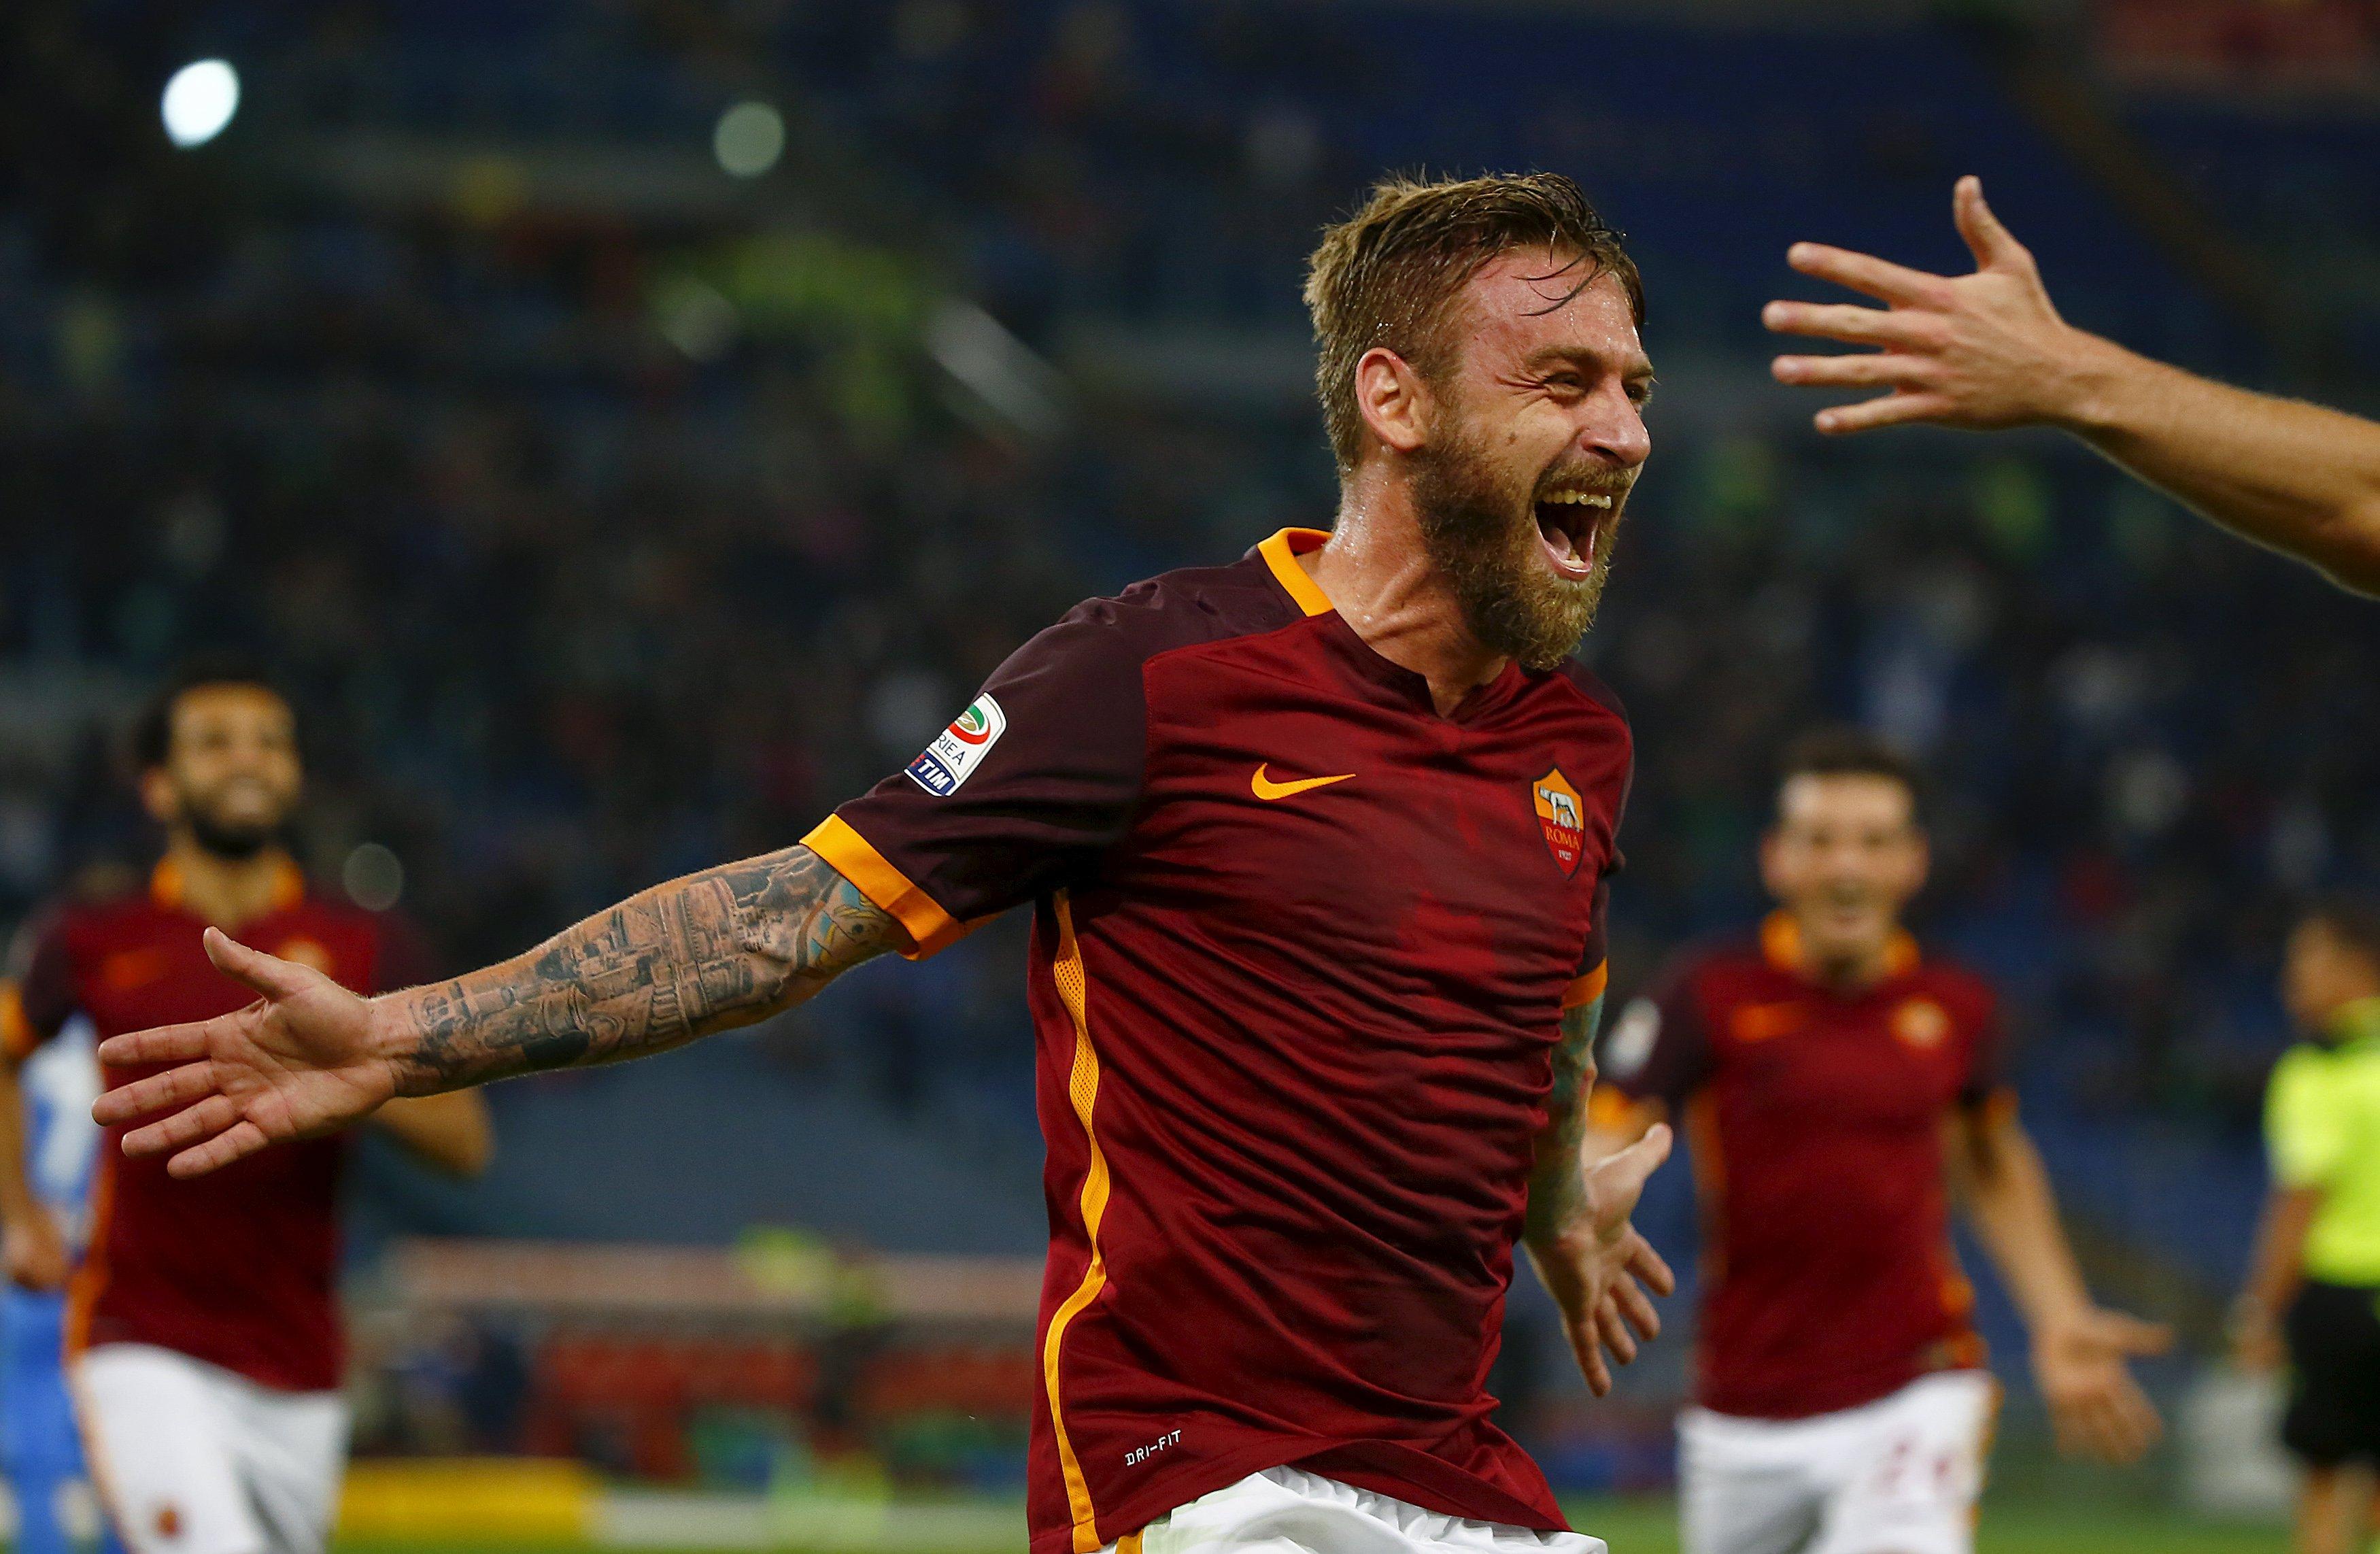 AS Roma đã khác gì khi không còn Totti ở Derby della Capitale? - Bóng Đá